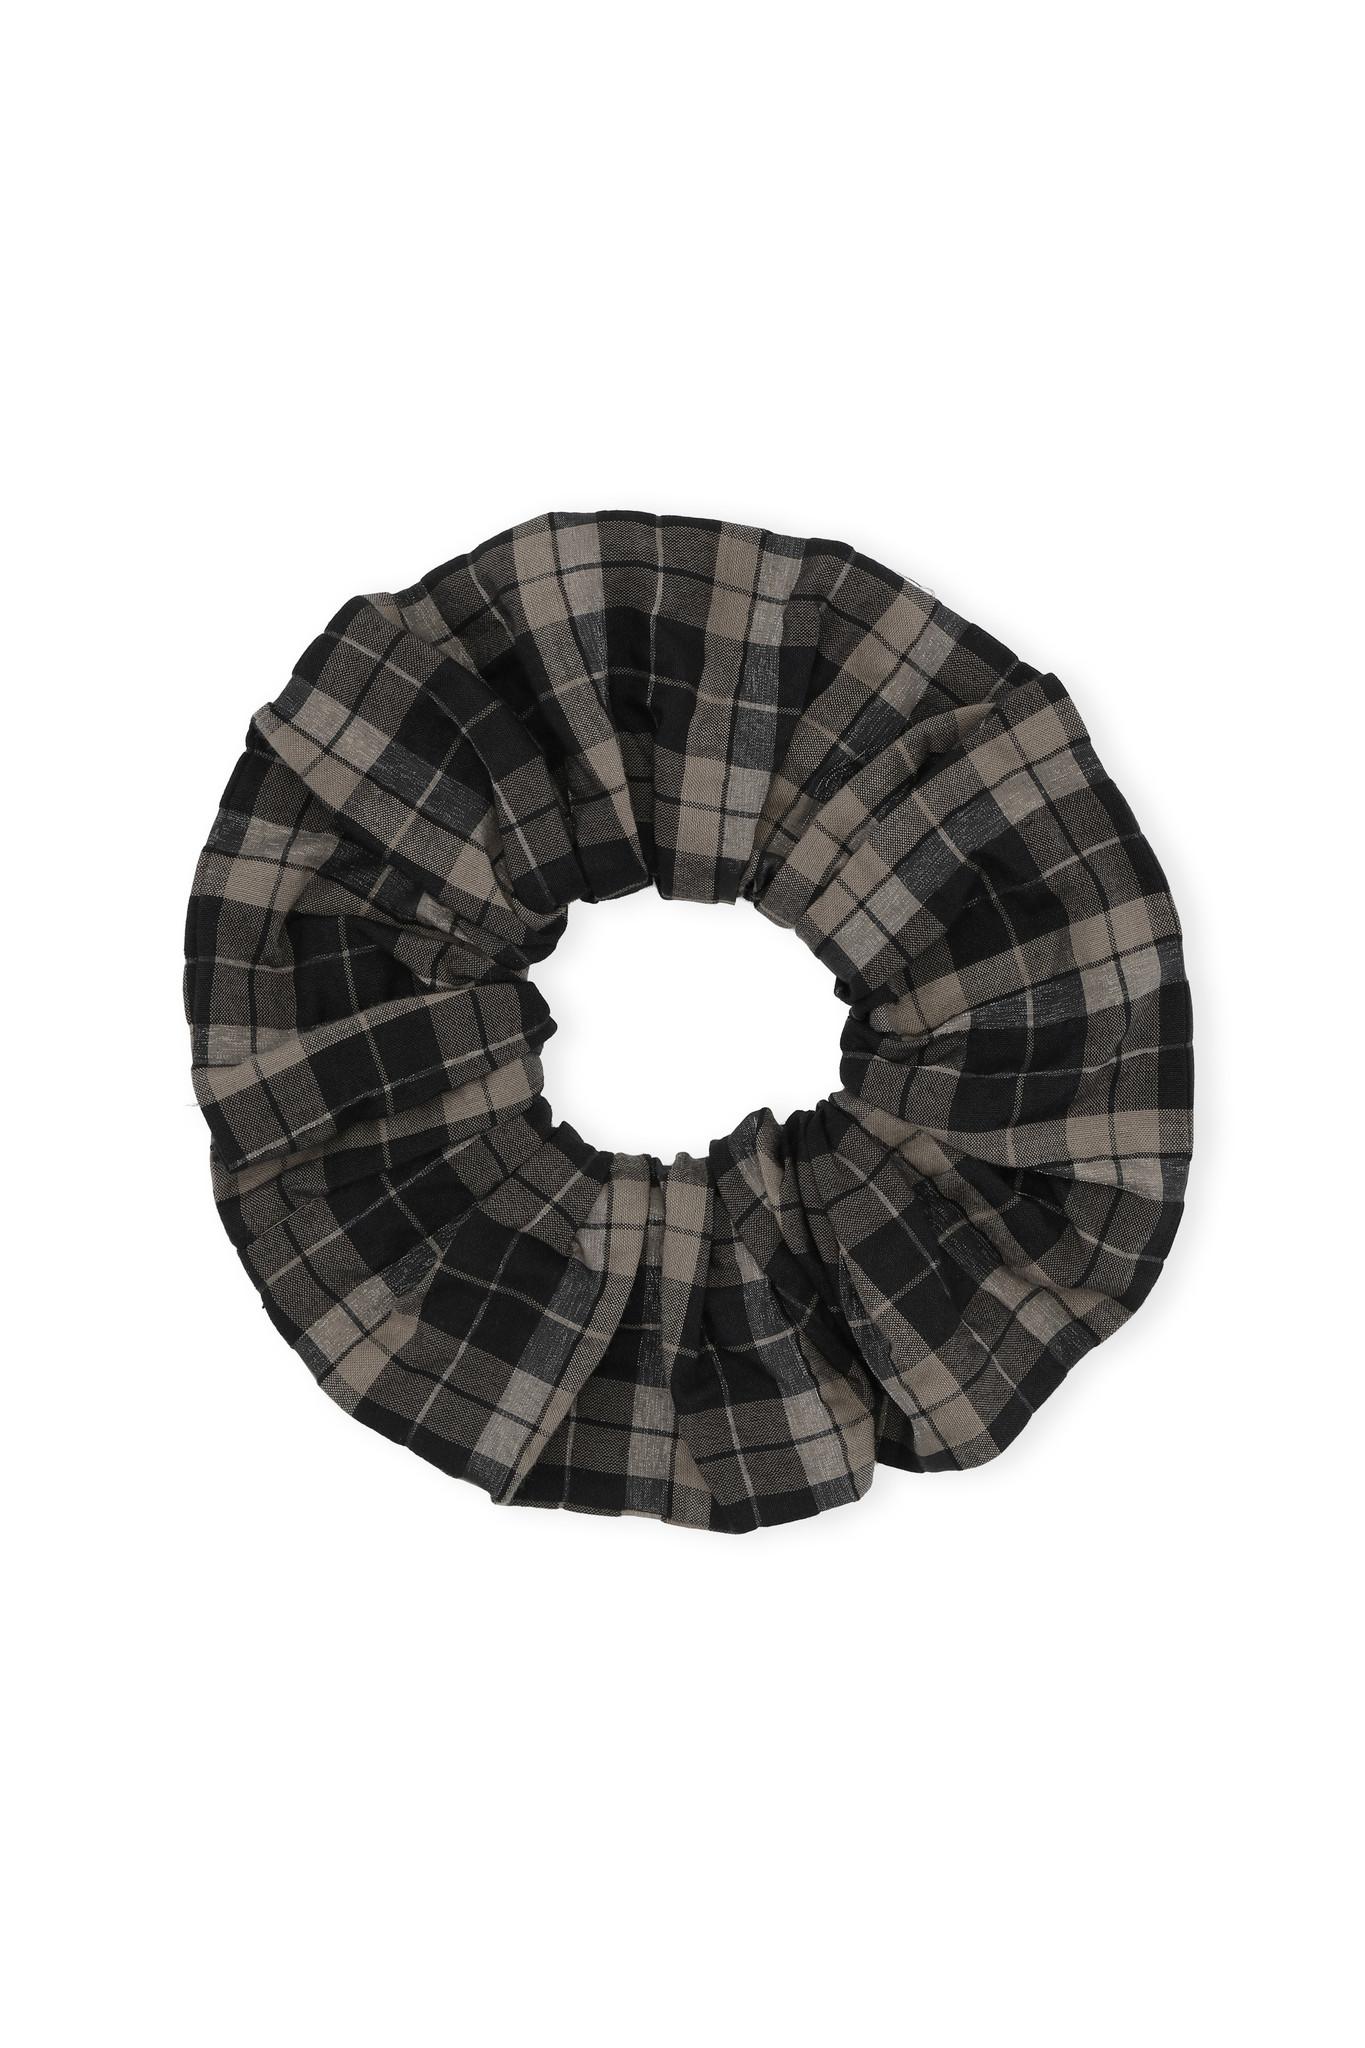 GANNI Seersucker Scrunchie in Fossil